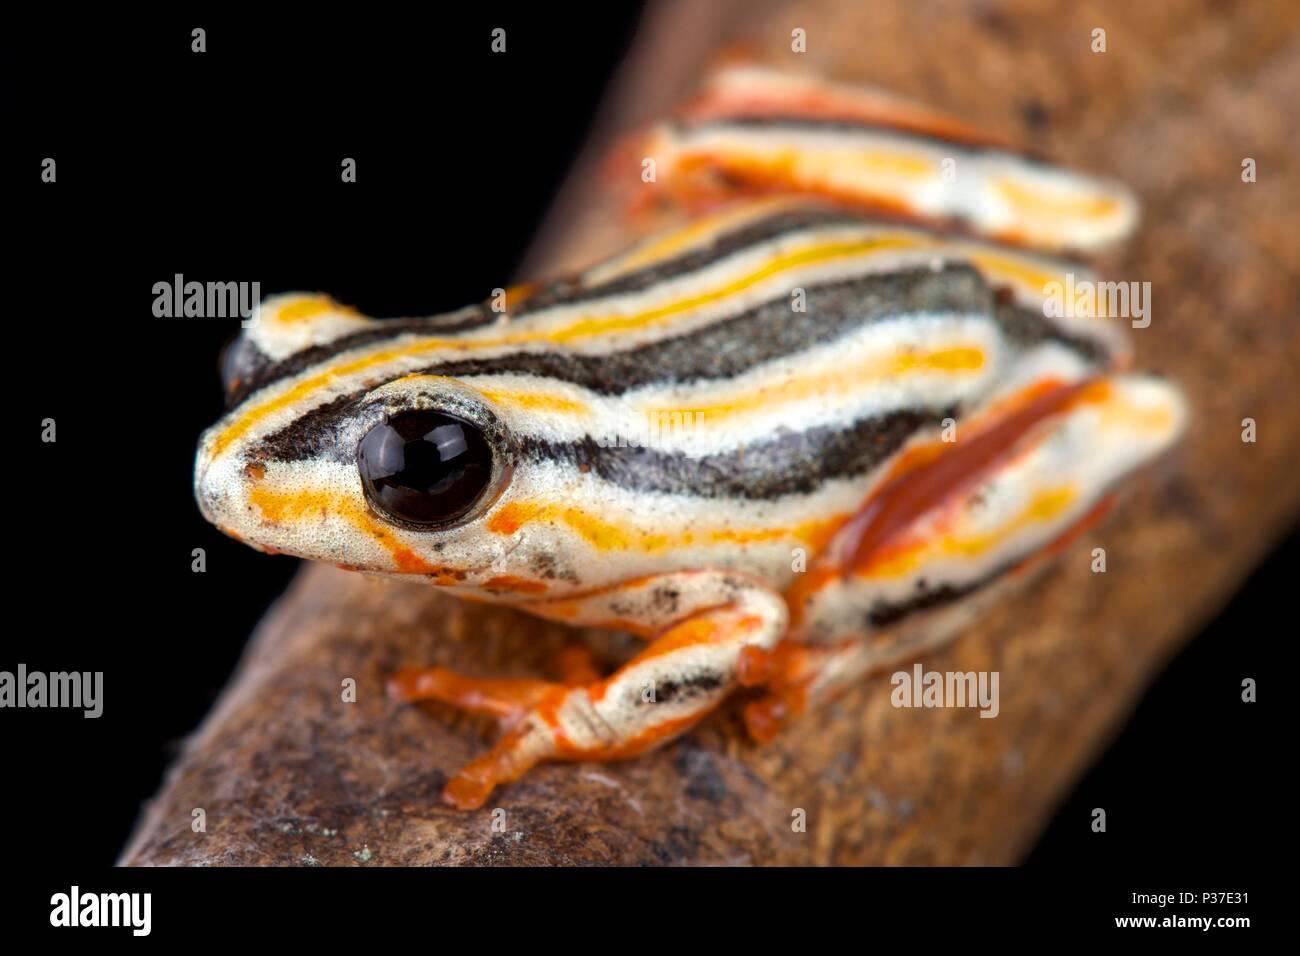 La pintada reed rana, Hyperolius marmoratus taeniatus es una especie de ranas reed espectaculares que se encuentran en África meridional. Imagen De Stock